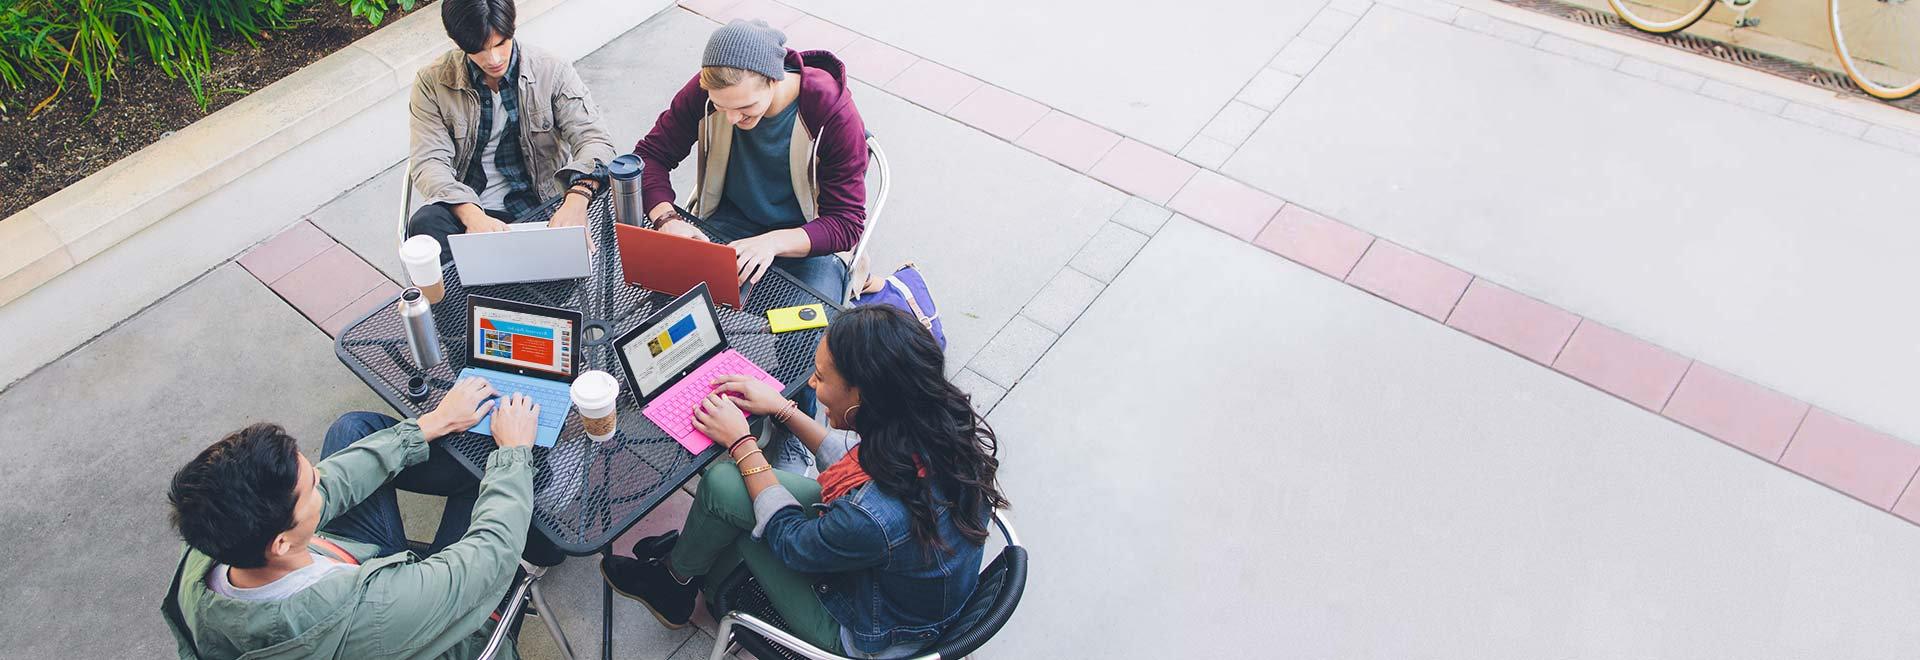 ארבעה תלמידים היושבים ליד שולחן בחוץ ומשתמשים ב- Office 365 למגזר החינוך במחשבי Tablet.